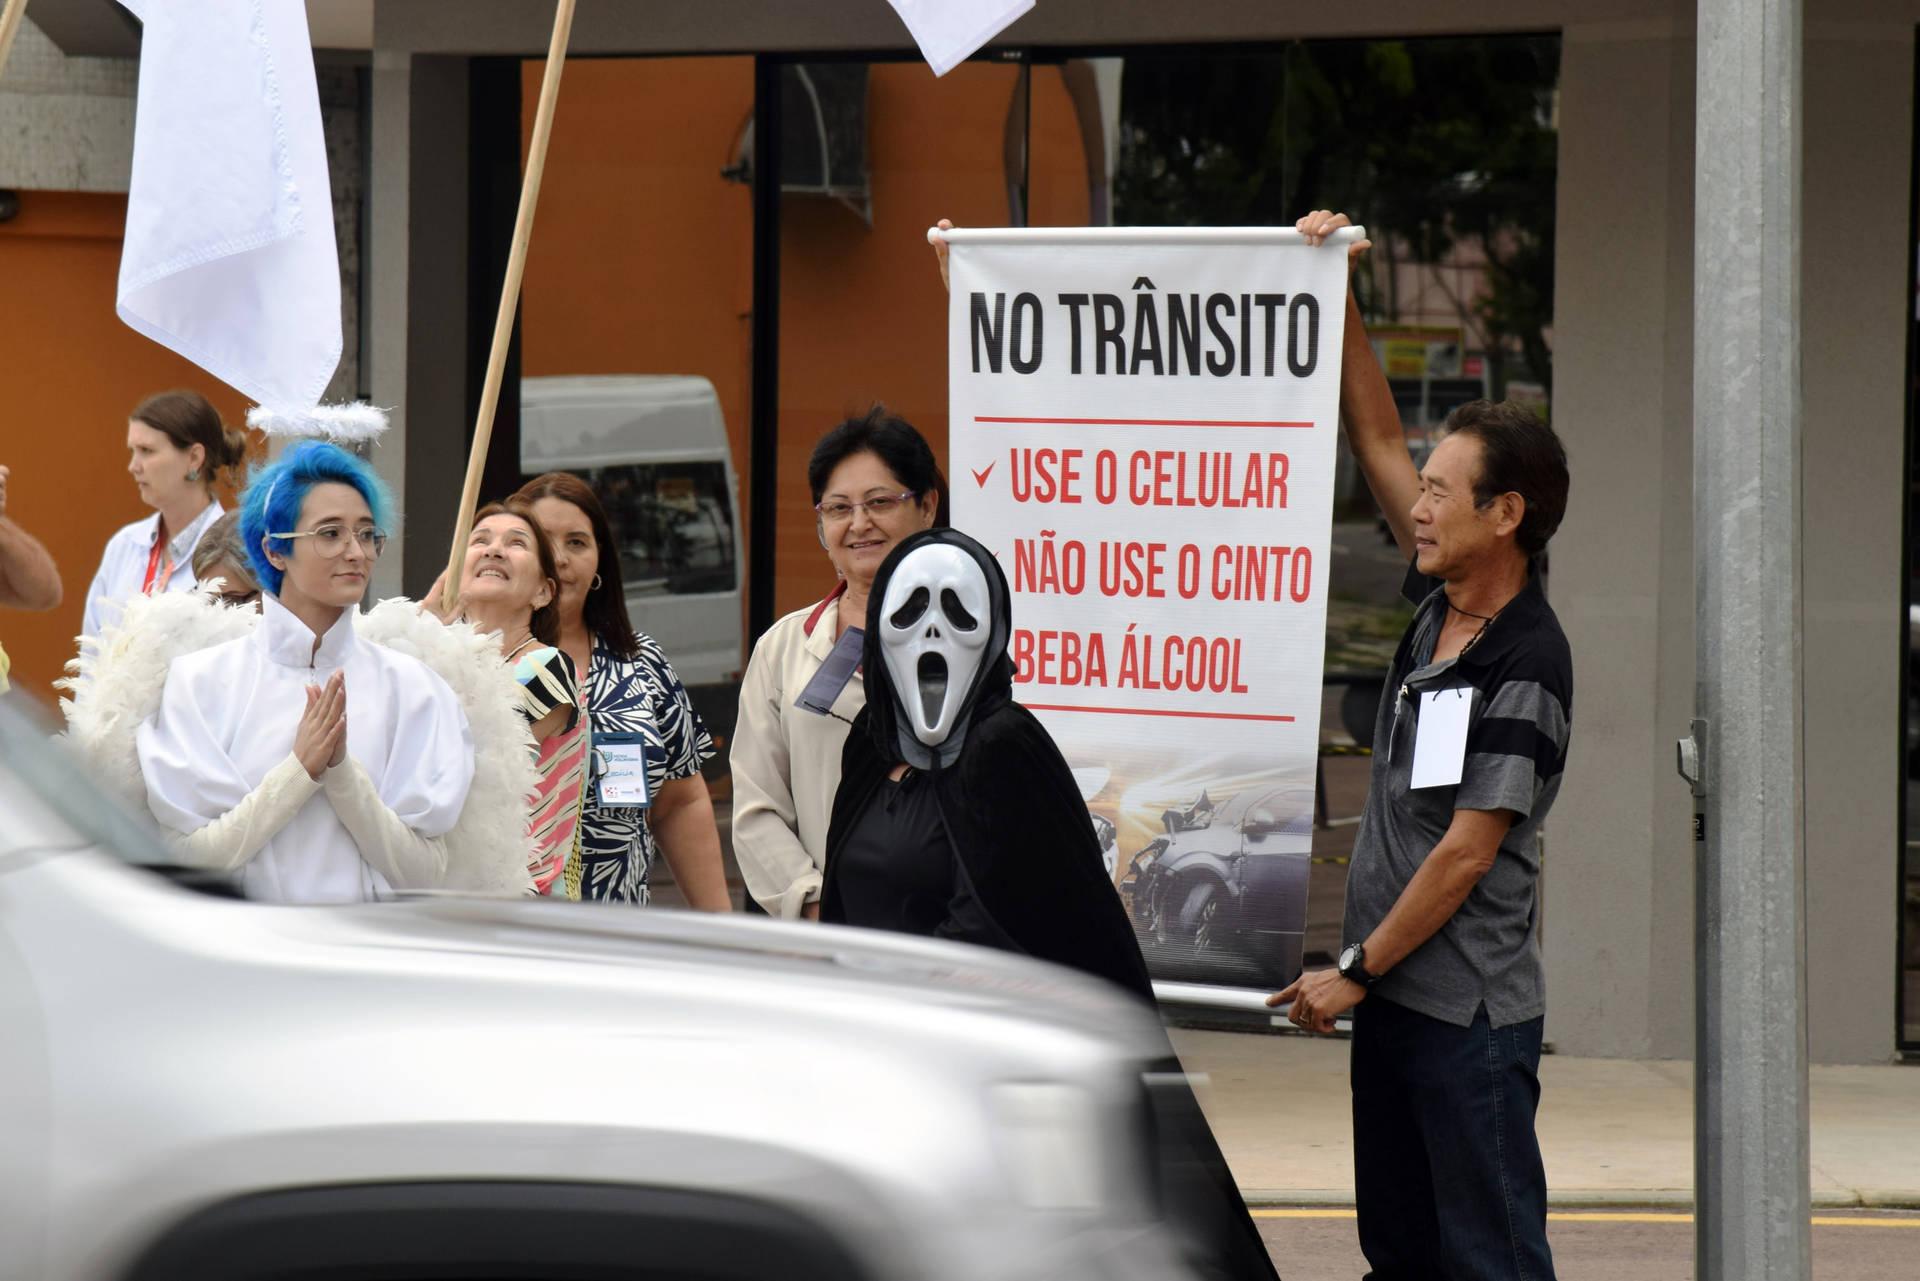 O evento aconteceu na Rua Isaac Guelmann, no bairro Portão, em Curitiba, nesta segunda-feira (3)